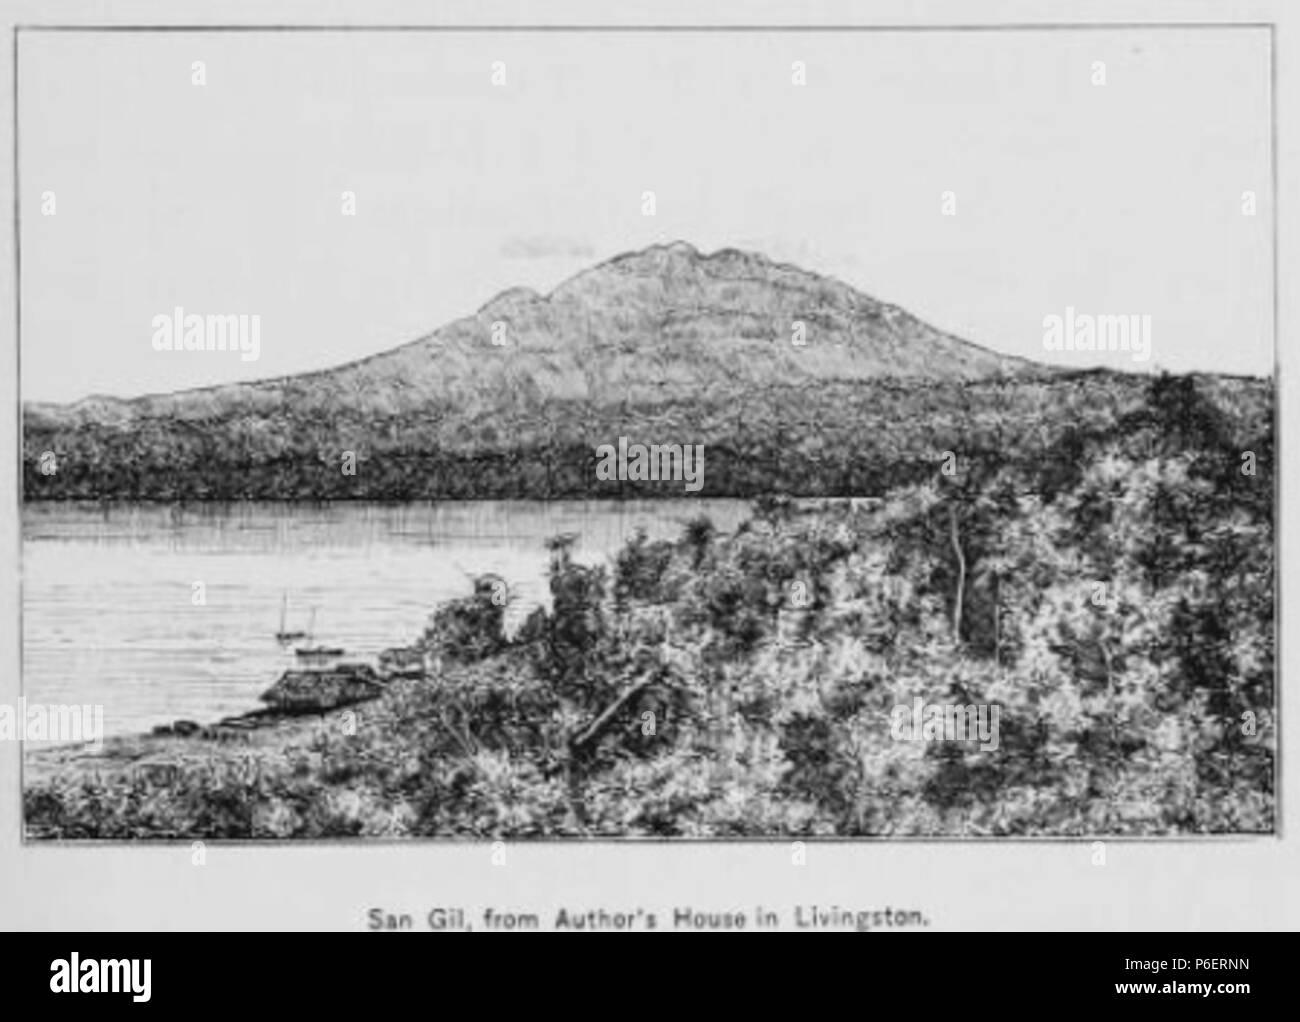 Español: Grabado del libro Guatemala, the land of quetzal de William T. Brigham, publicado en 1887. San Gil, visto desde Livingston. 1884 50 Guatemala land quetzal Brigham 1887 20 Stock Photo